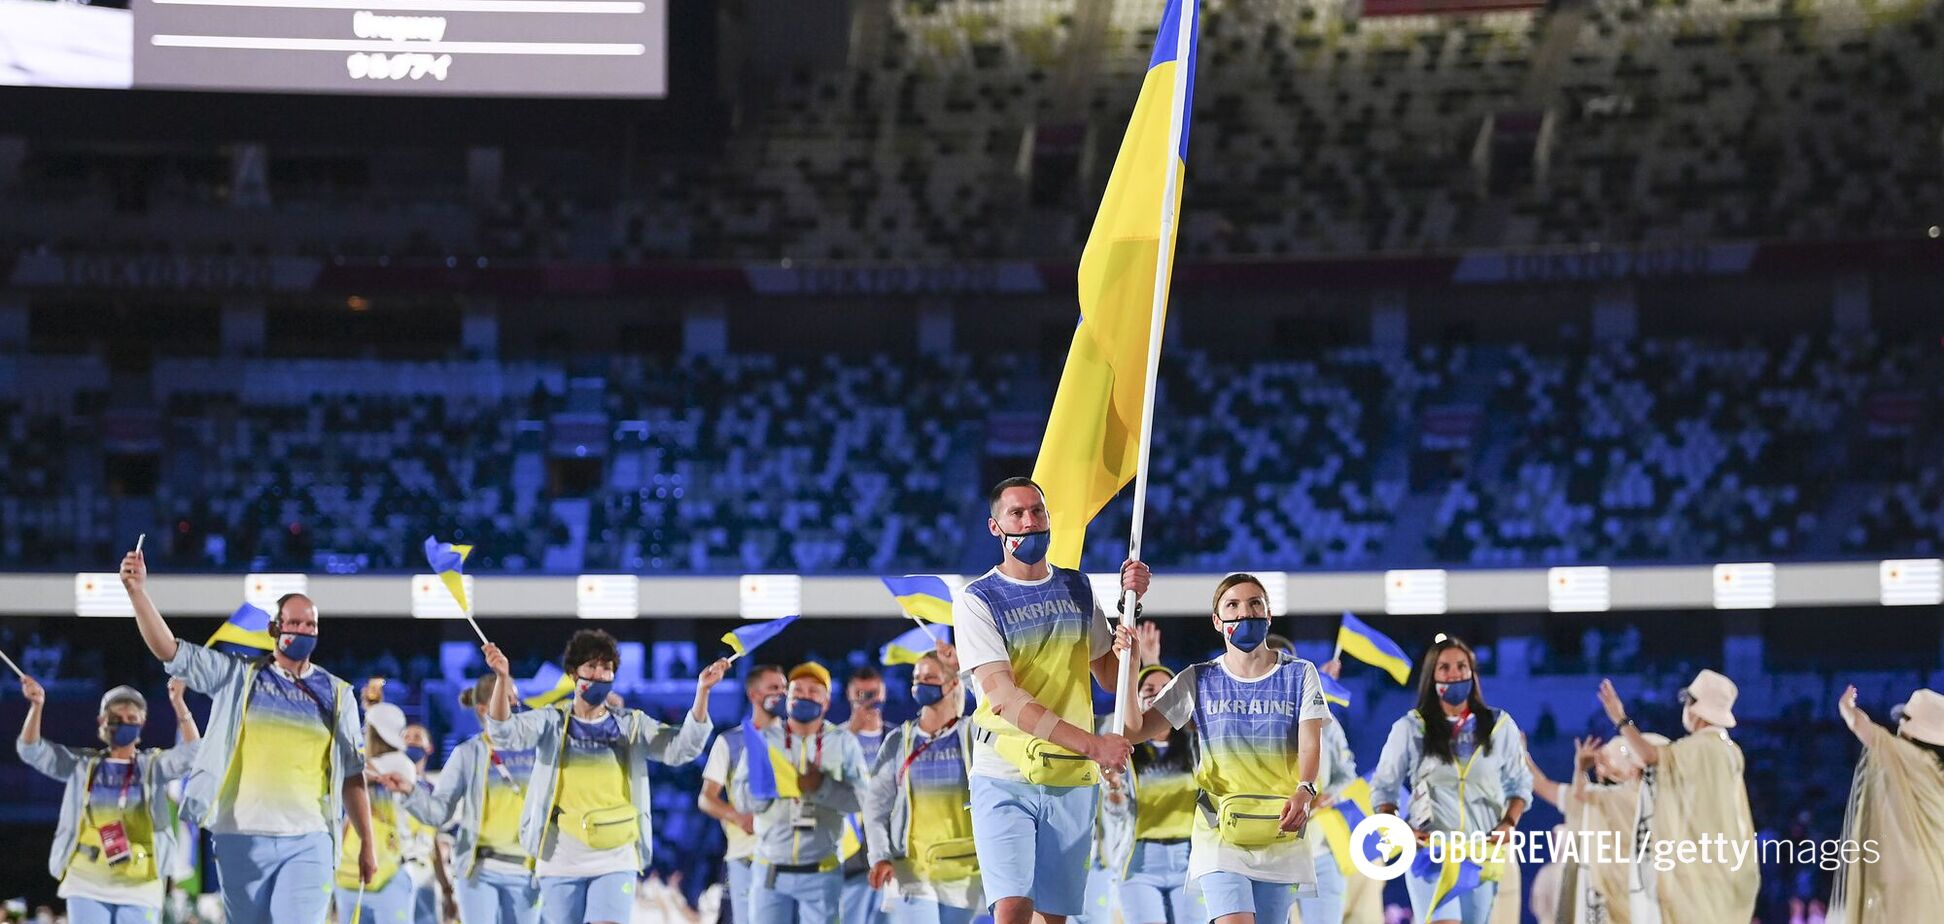 Українські спортсмени на відкритті ОІ в Токіо